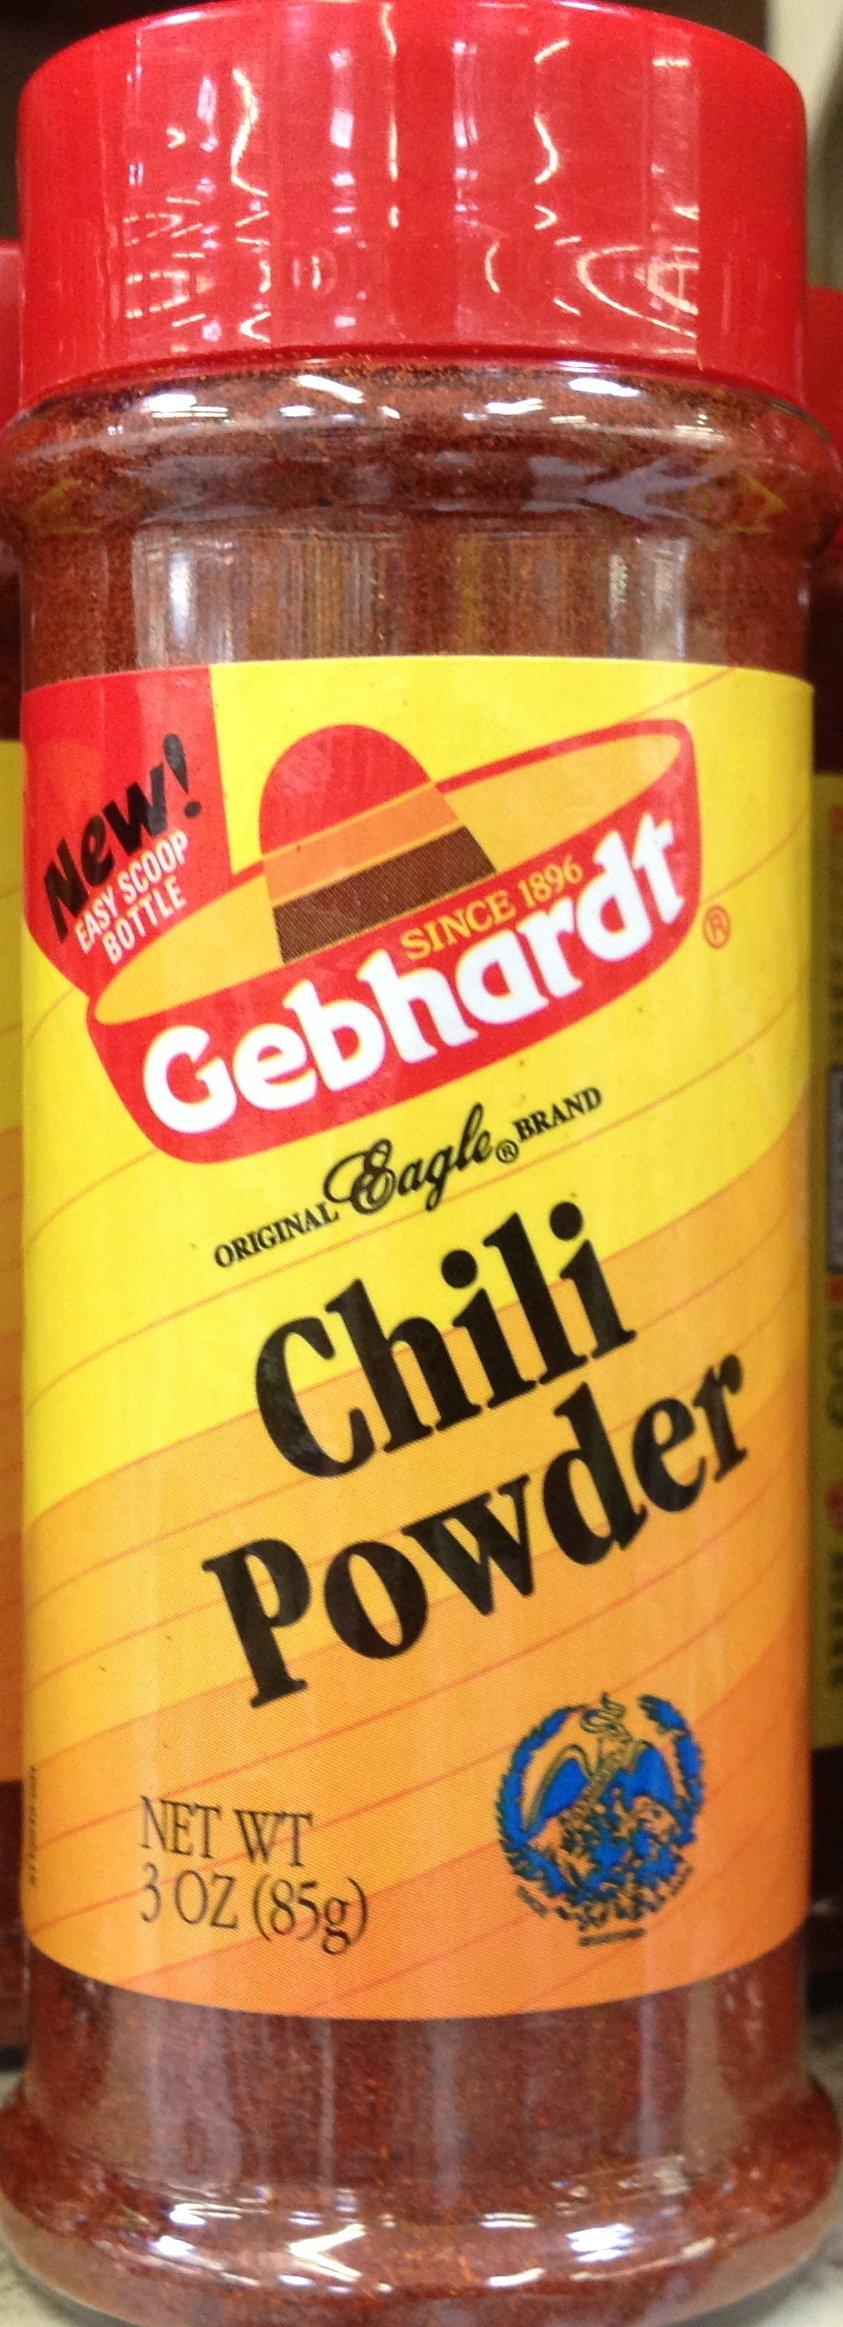 Gebhardt CHILI POWDER 3oz (9 Pack)